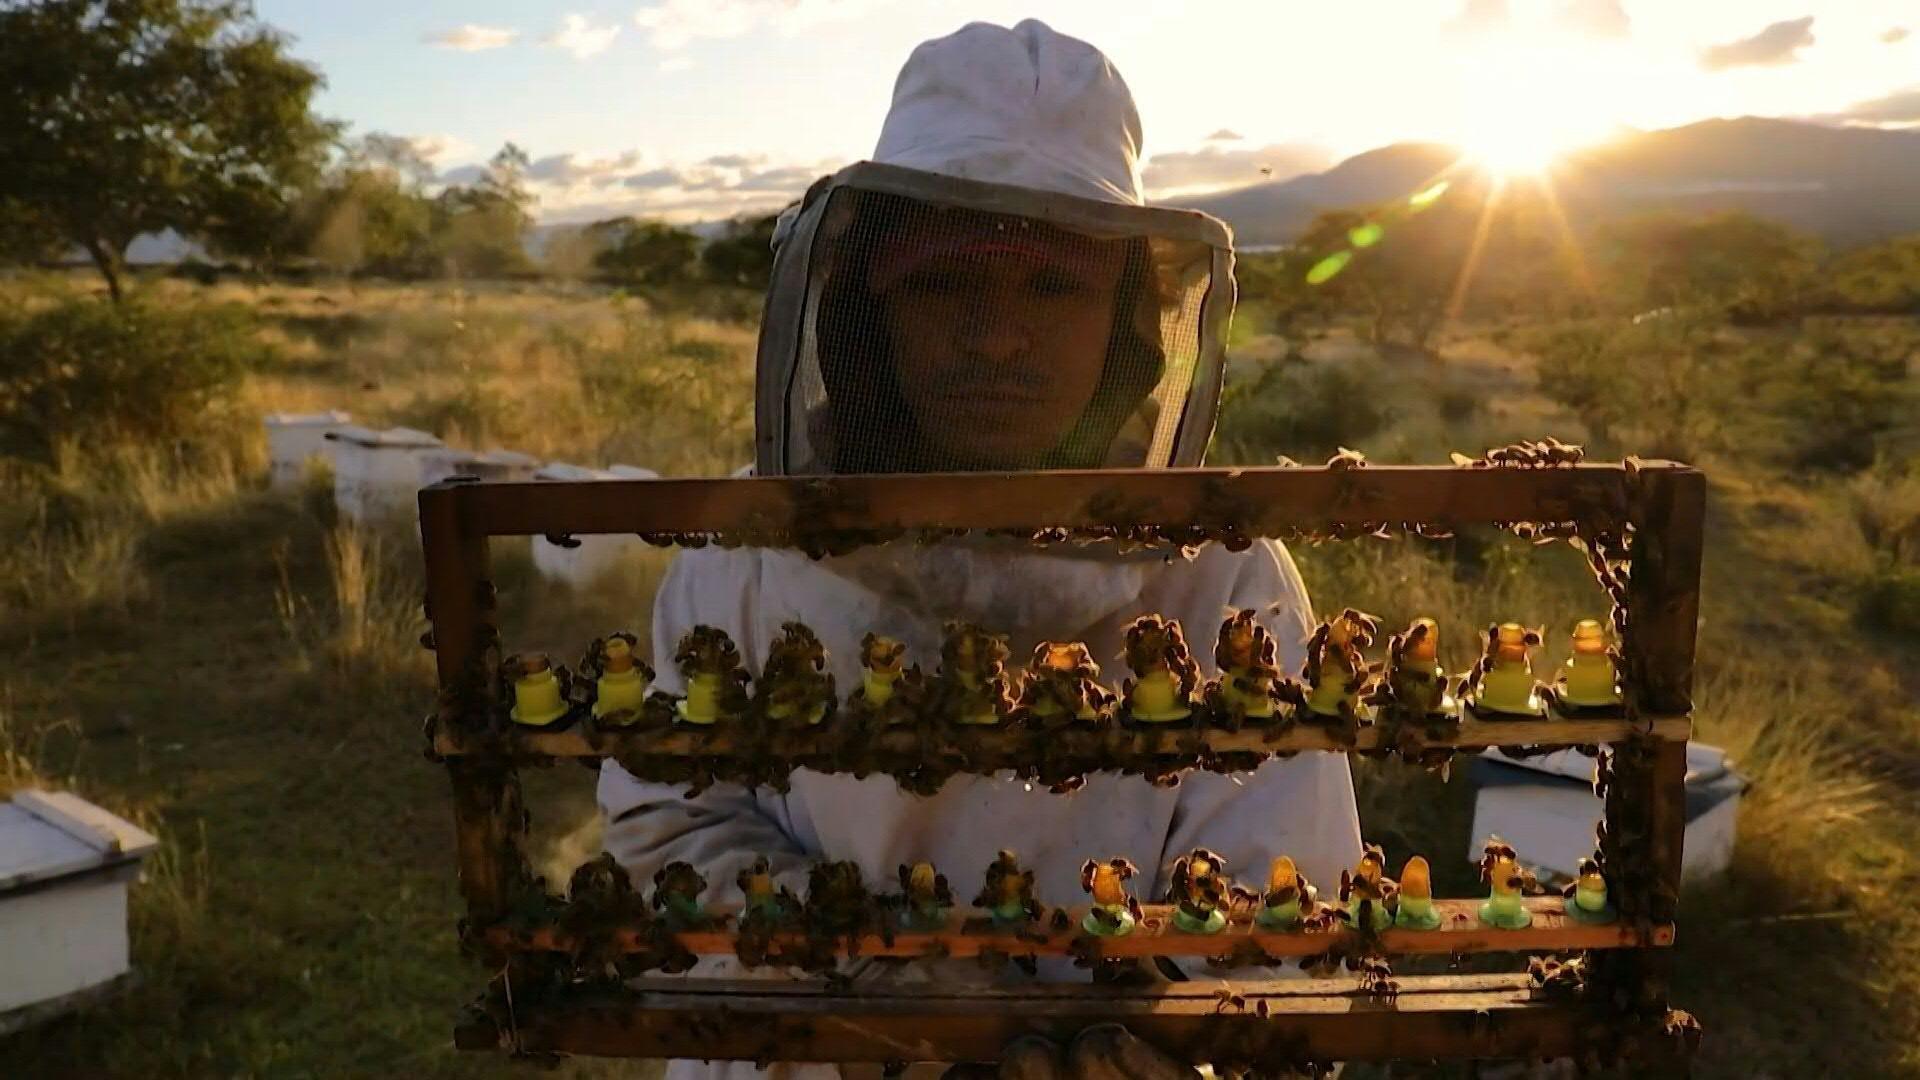 Cómo funcionan las colmenas inteligentes y los drones abeja para polinizar campos - Infobae